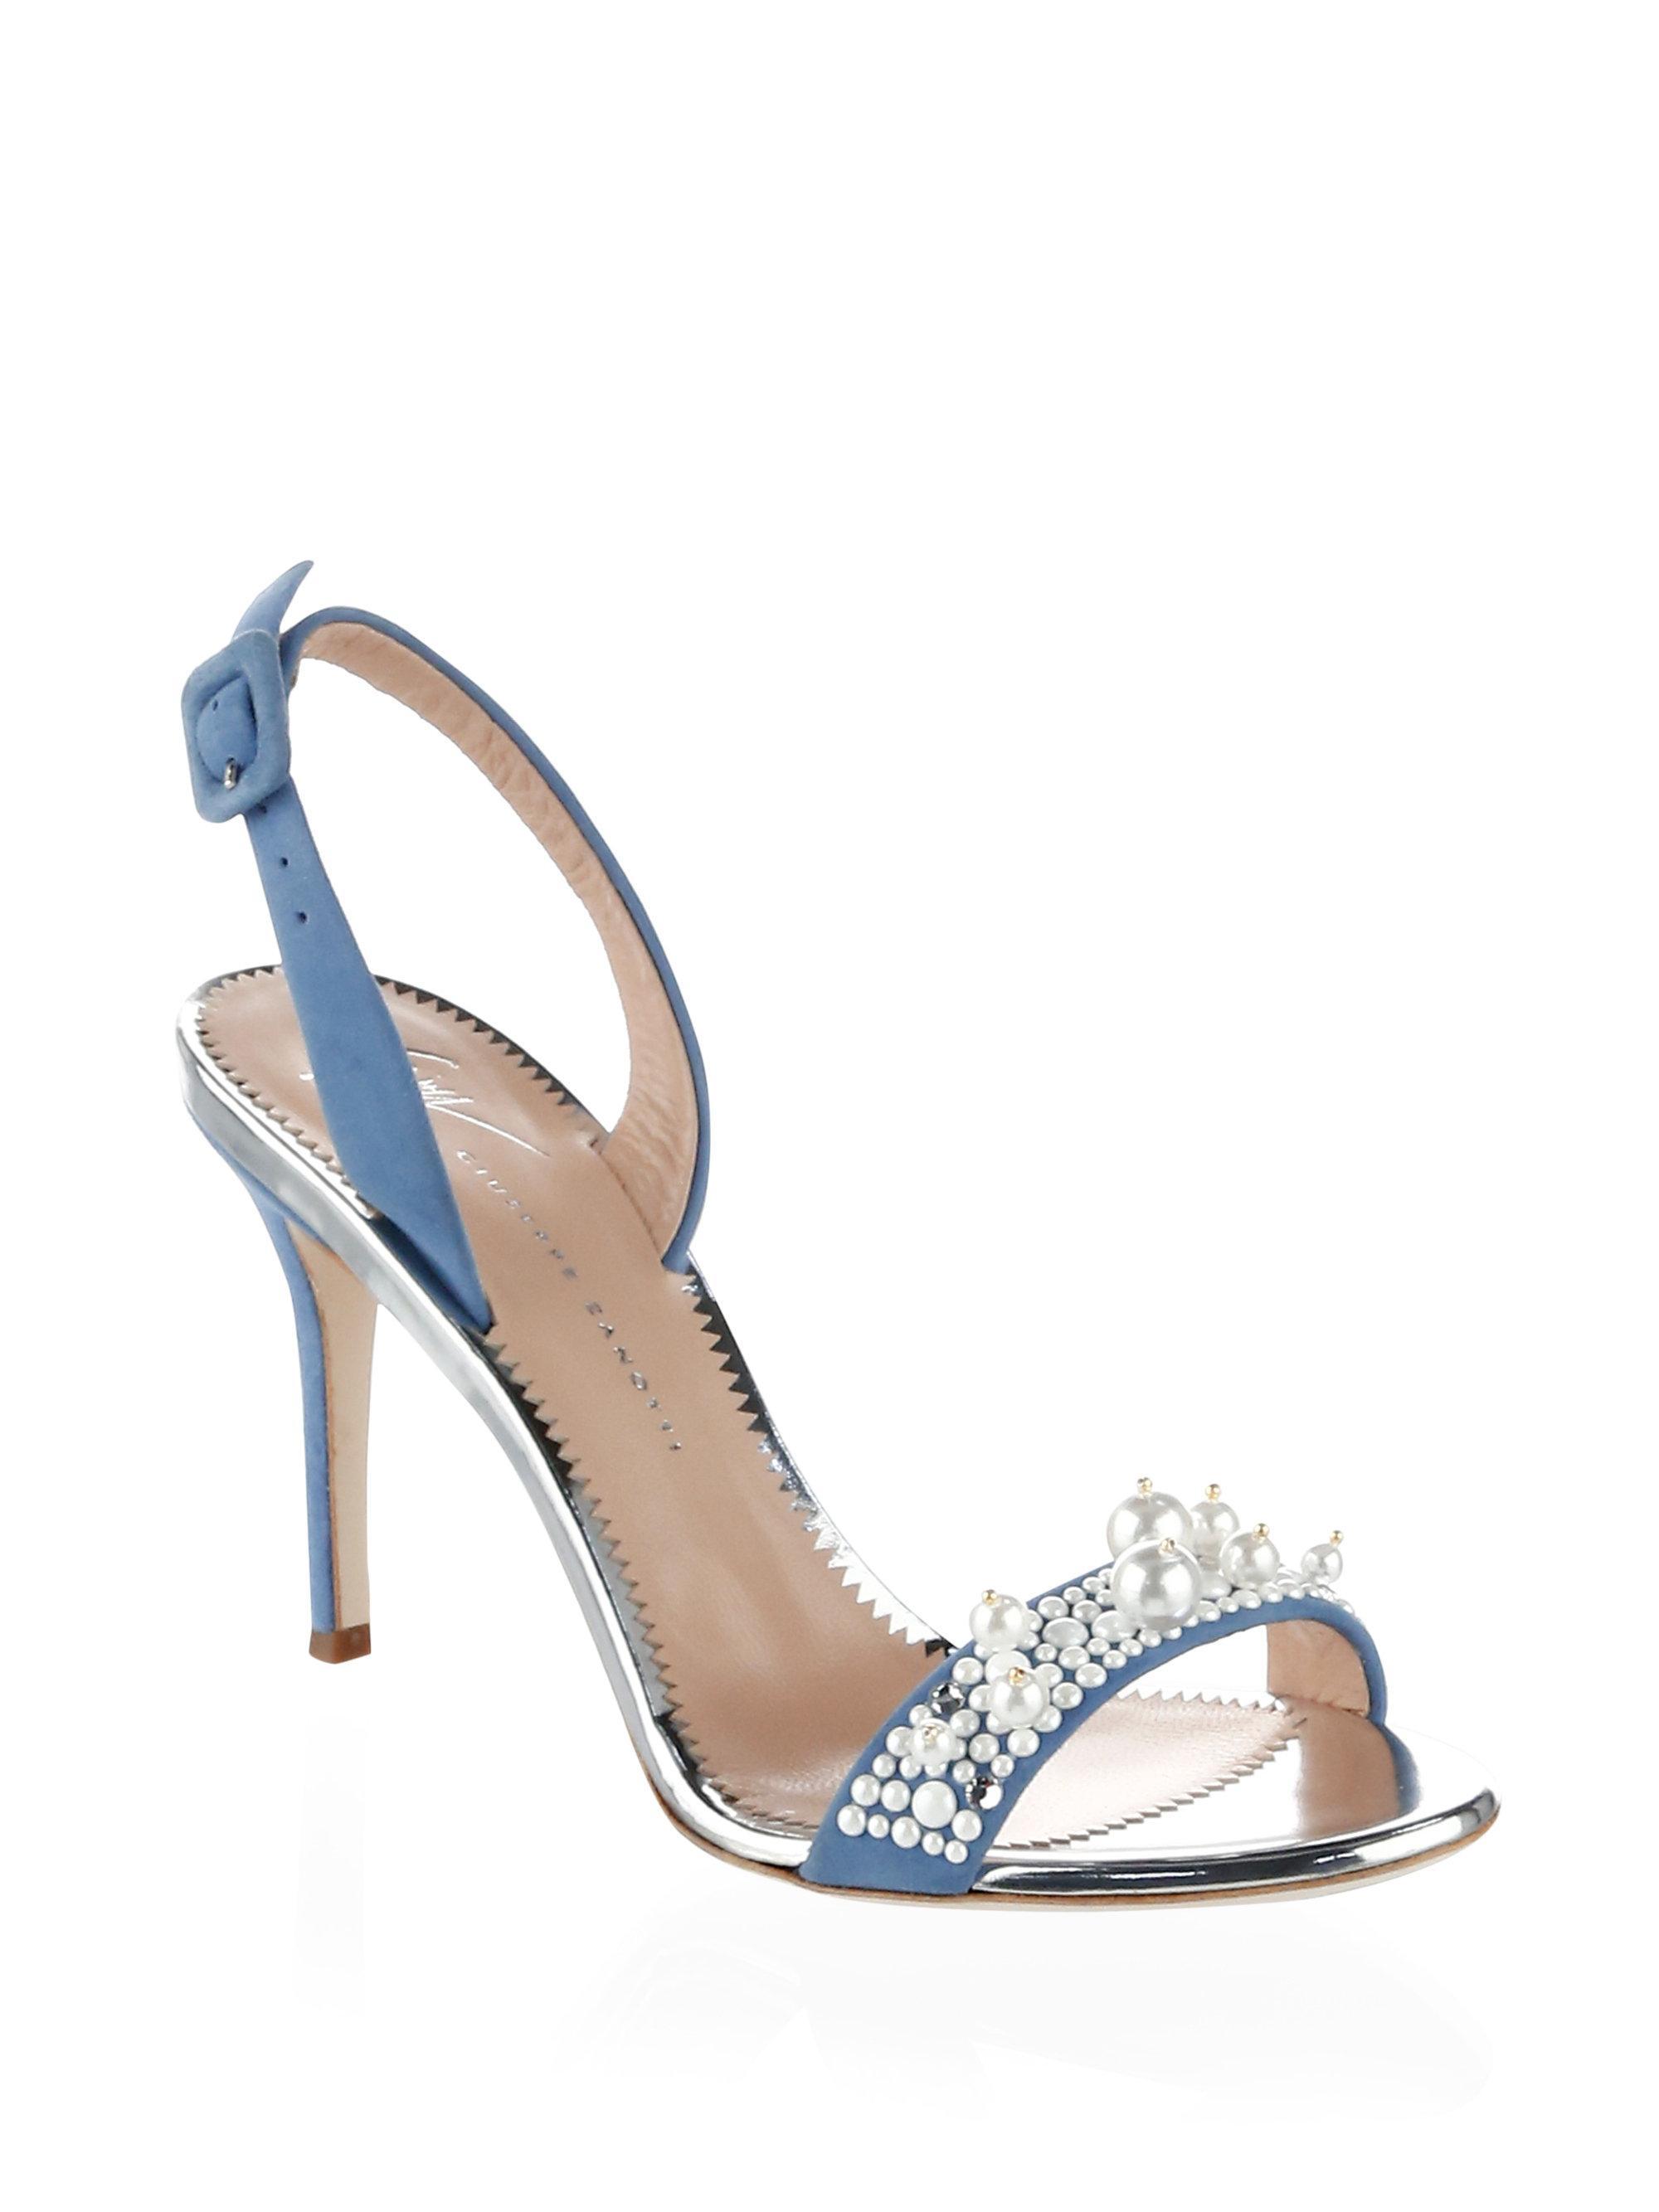 pearl embellished sling back sandals - White Giuseppe Zanotti IDLl6NY0we